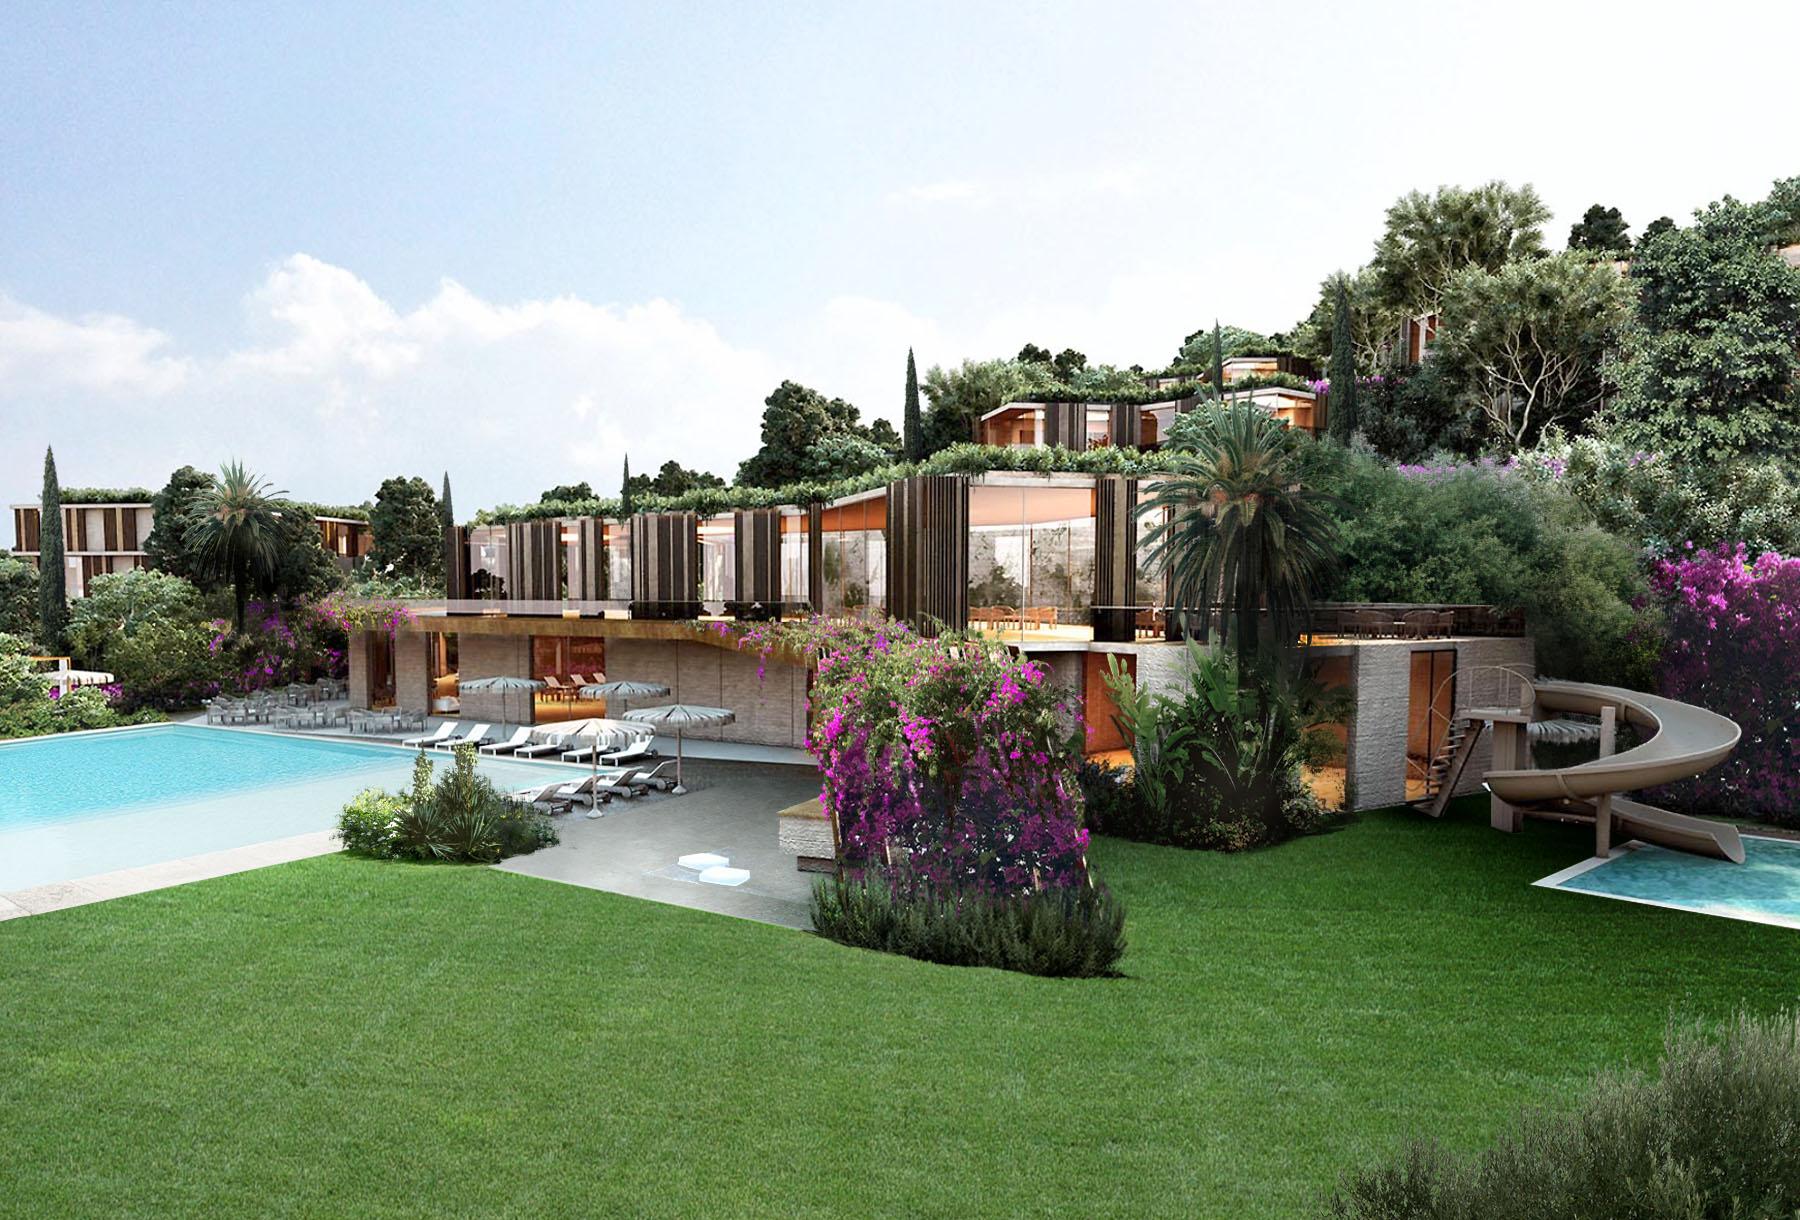 Adres - Un progetto esclusivo per residenze e hotel - Turistico Residenziale